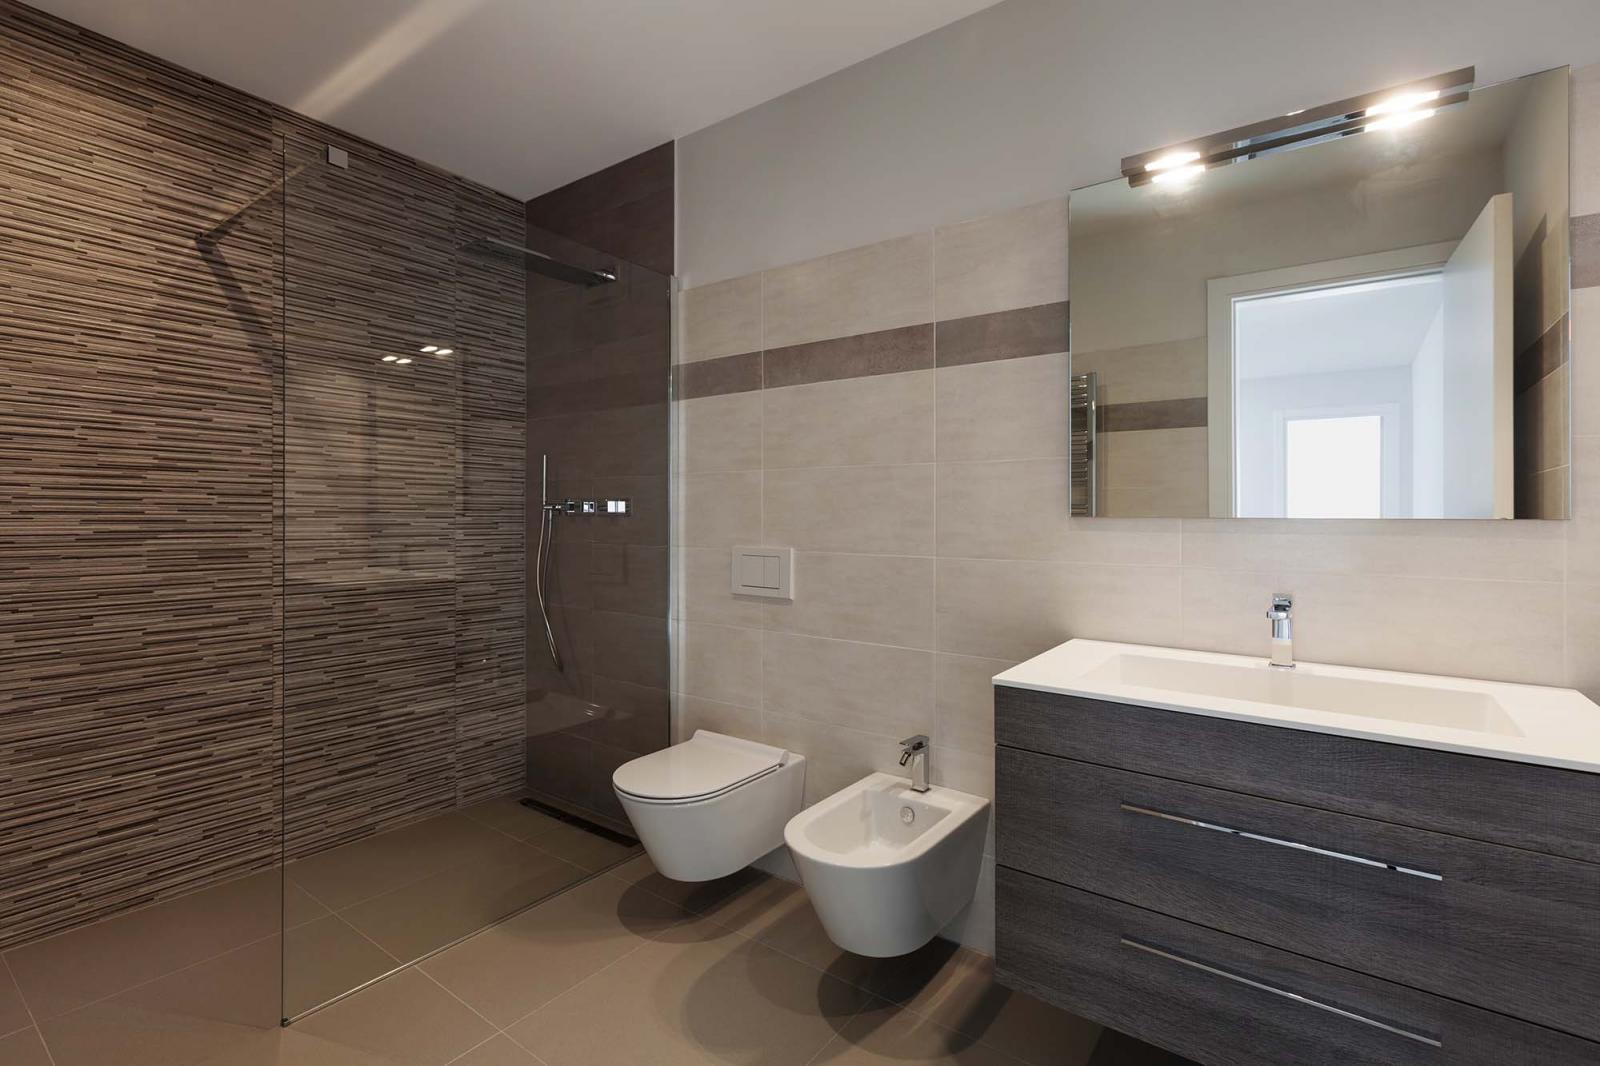 Nhà vệ sinh màu trắng xen kẽ mảng tường nâu, gương treo tường, vách kính phân riêng phòng tắm.